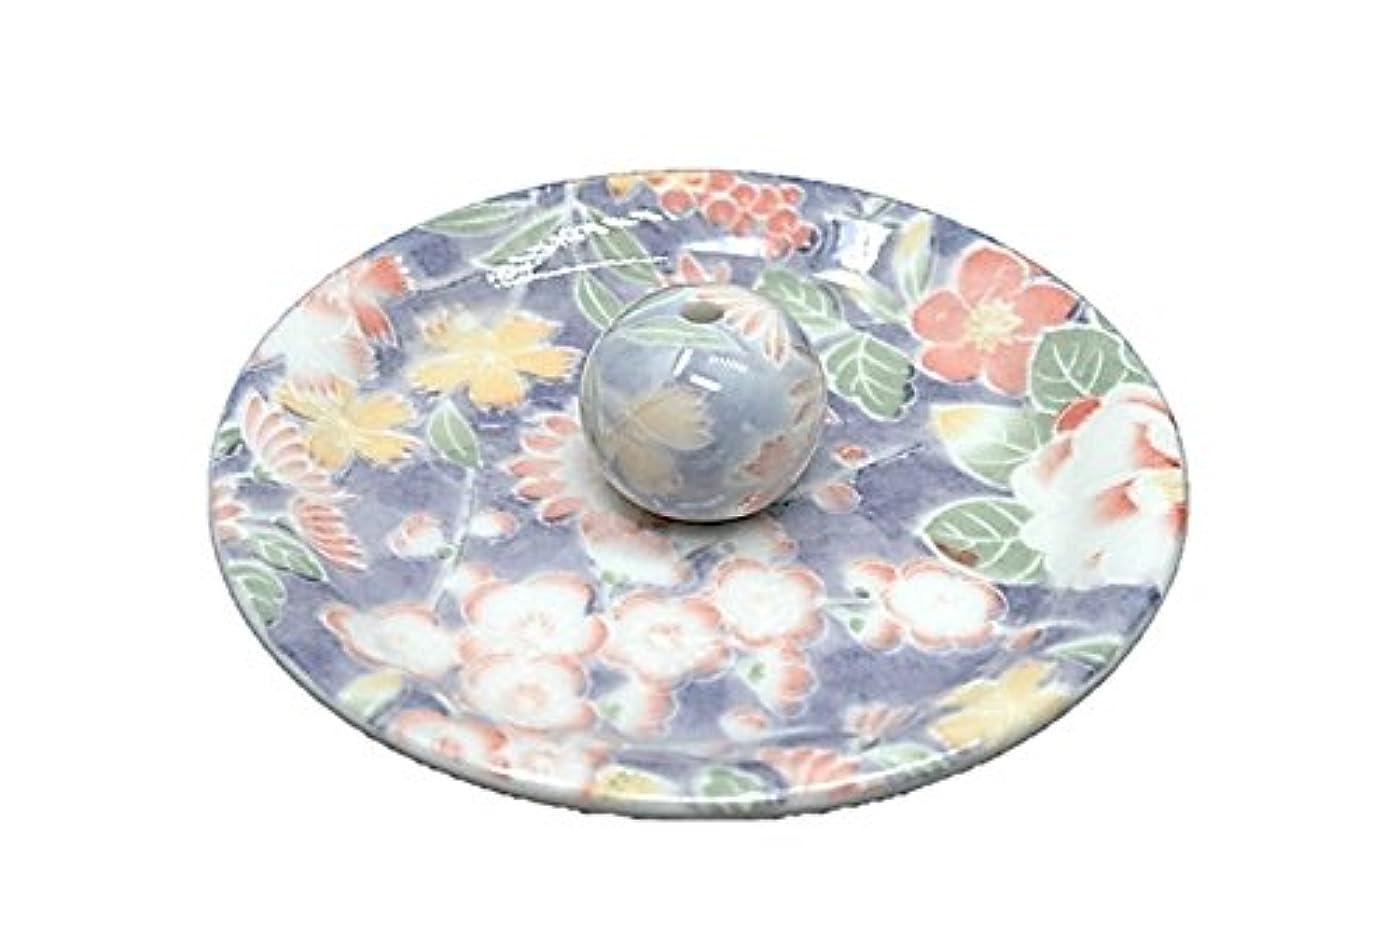 ホール囲まれたニッケル9-28 華友禅 9cm香皿 お香立て お香たて 陶器 日本製 製造?直売品